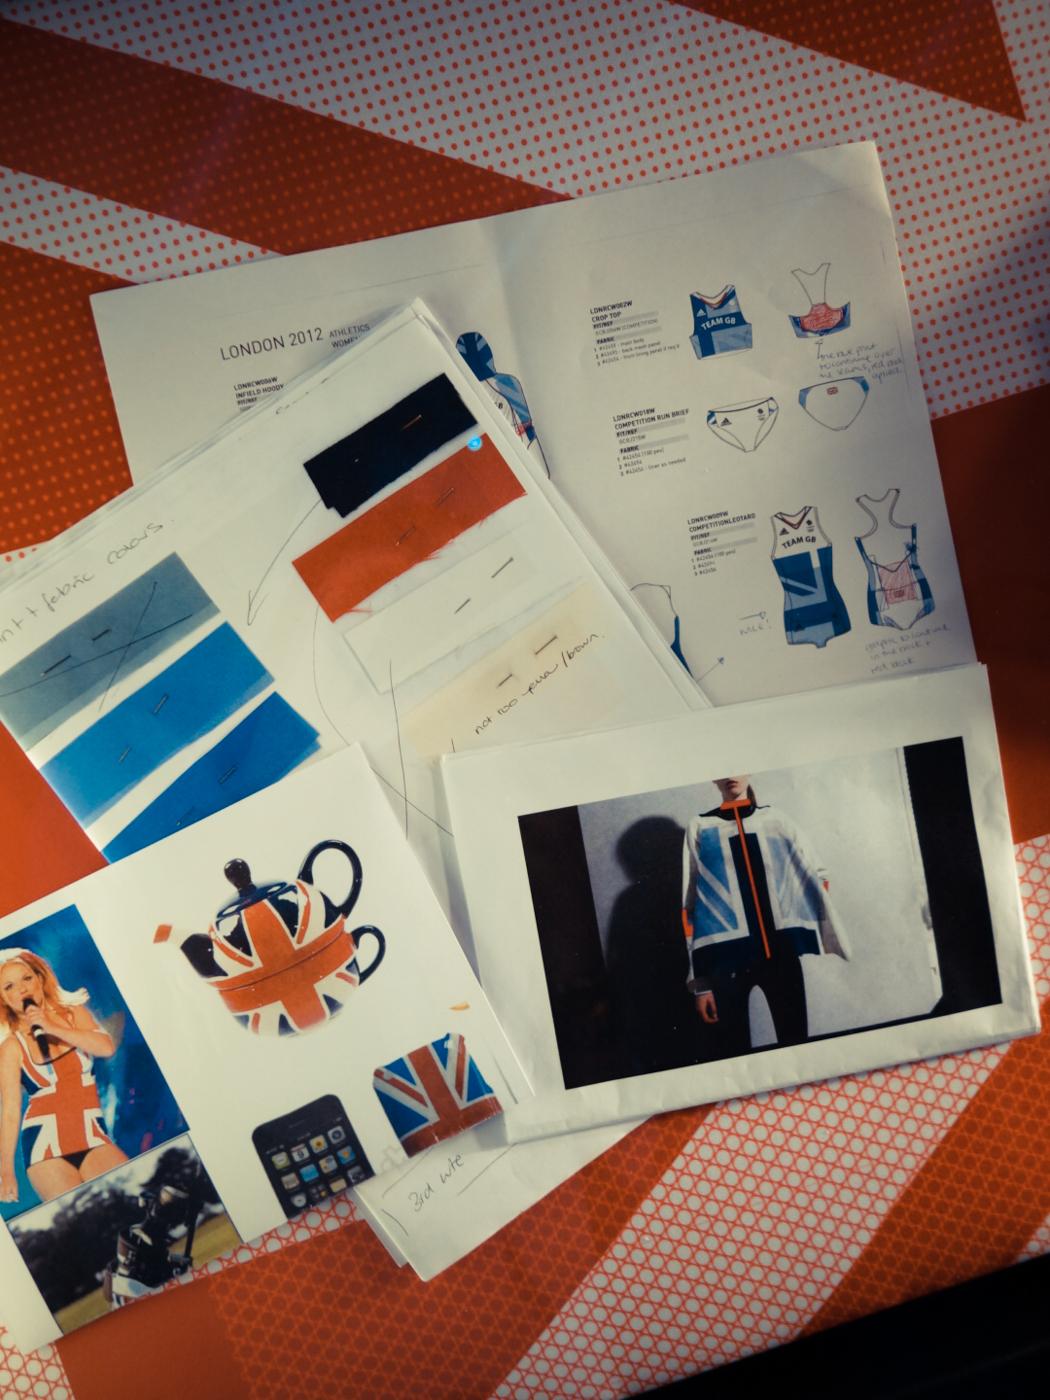 Adidas-Headquater-Bloggershoot-Lindarella-Fitnessblogger-11